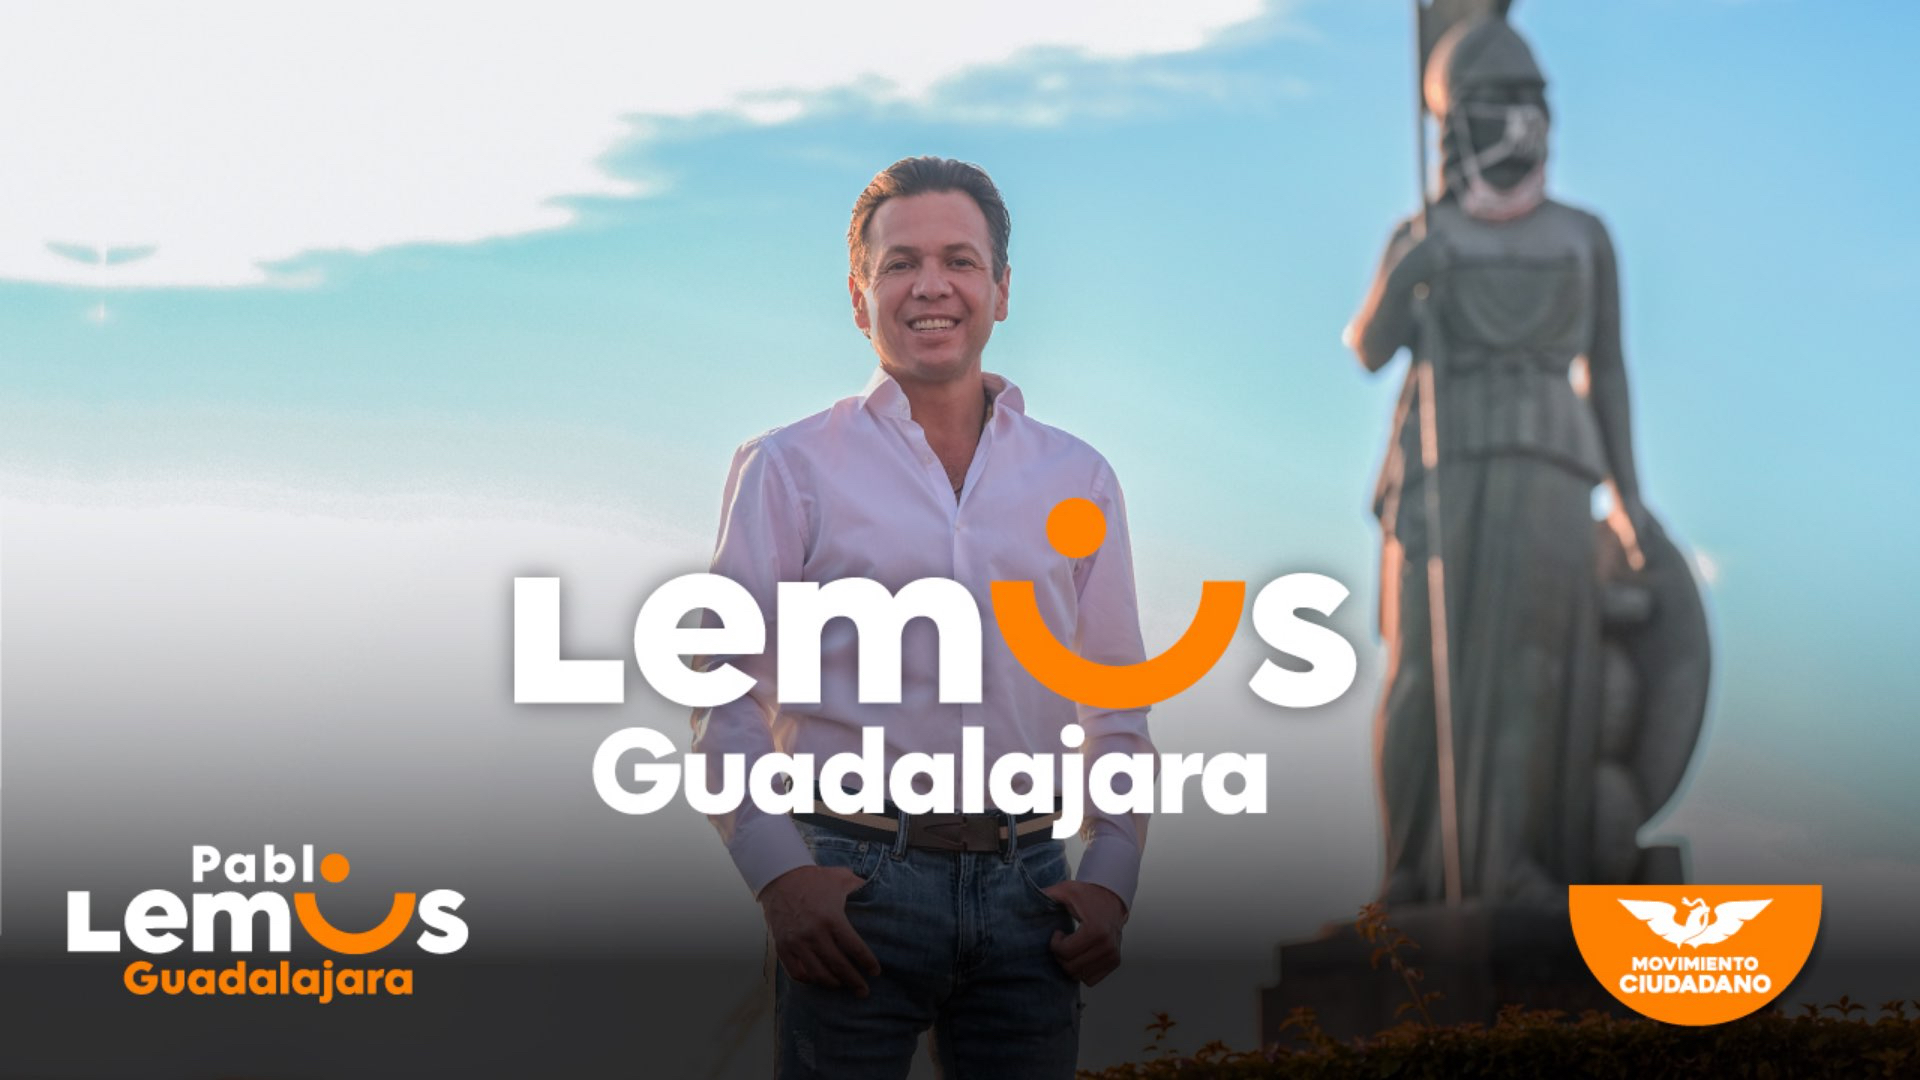 Lemus Guadalajara